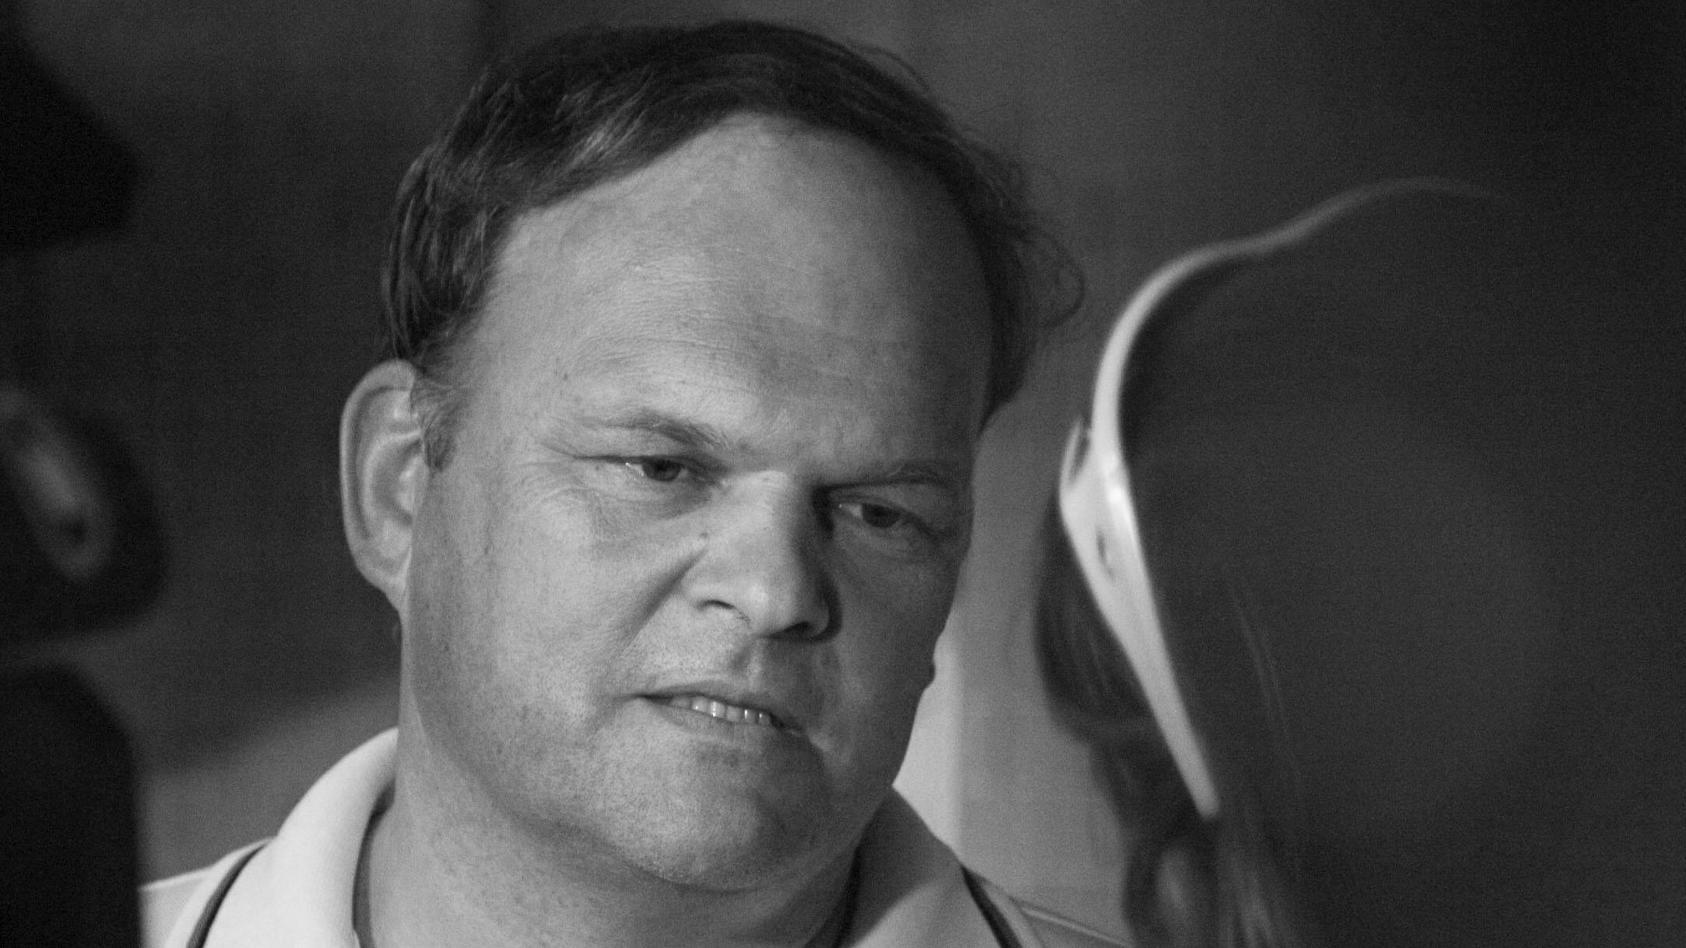 Björn Nolting